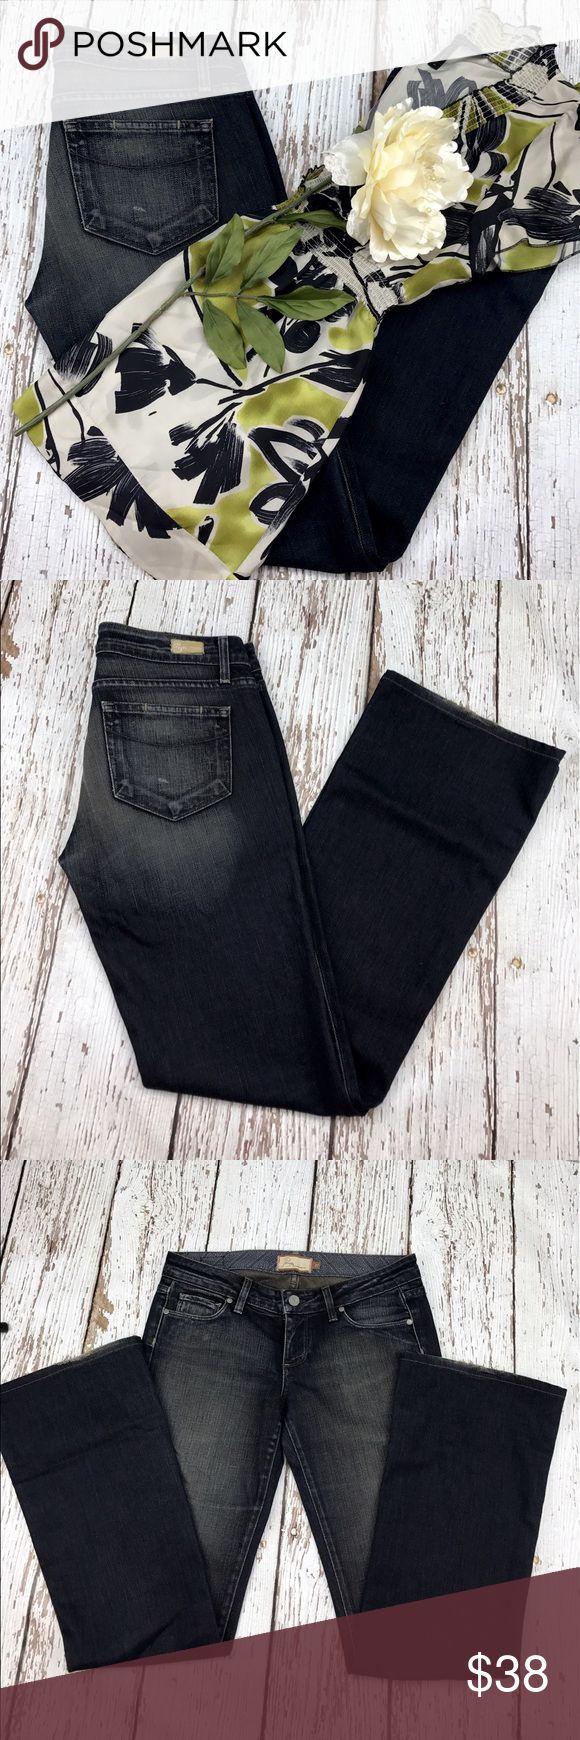 """💕SALE💕 Paige """"Laurel Canyon"""" Premium Denim Awesome 💕 Paige """"Laurel Canyon"""" Premium Denim 32"""" Inseam 7 1/2"""" Rise 98% Cotton 2% Spandex Paige Jeans Jeans Boot Cut"""